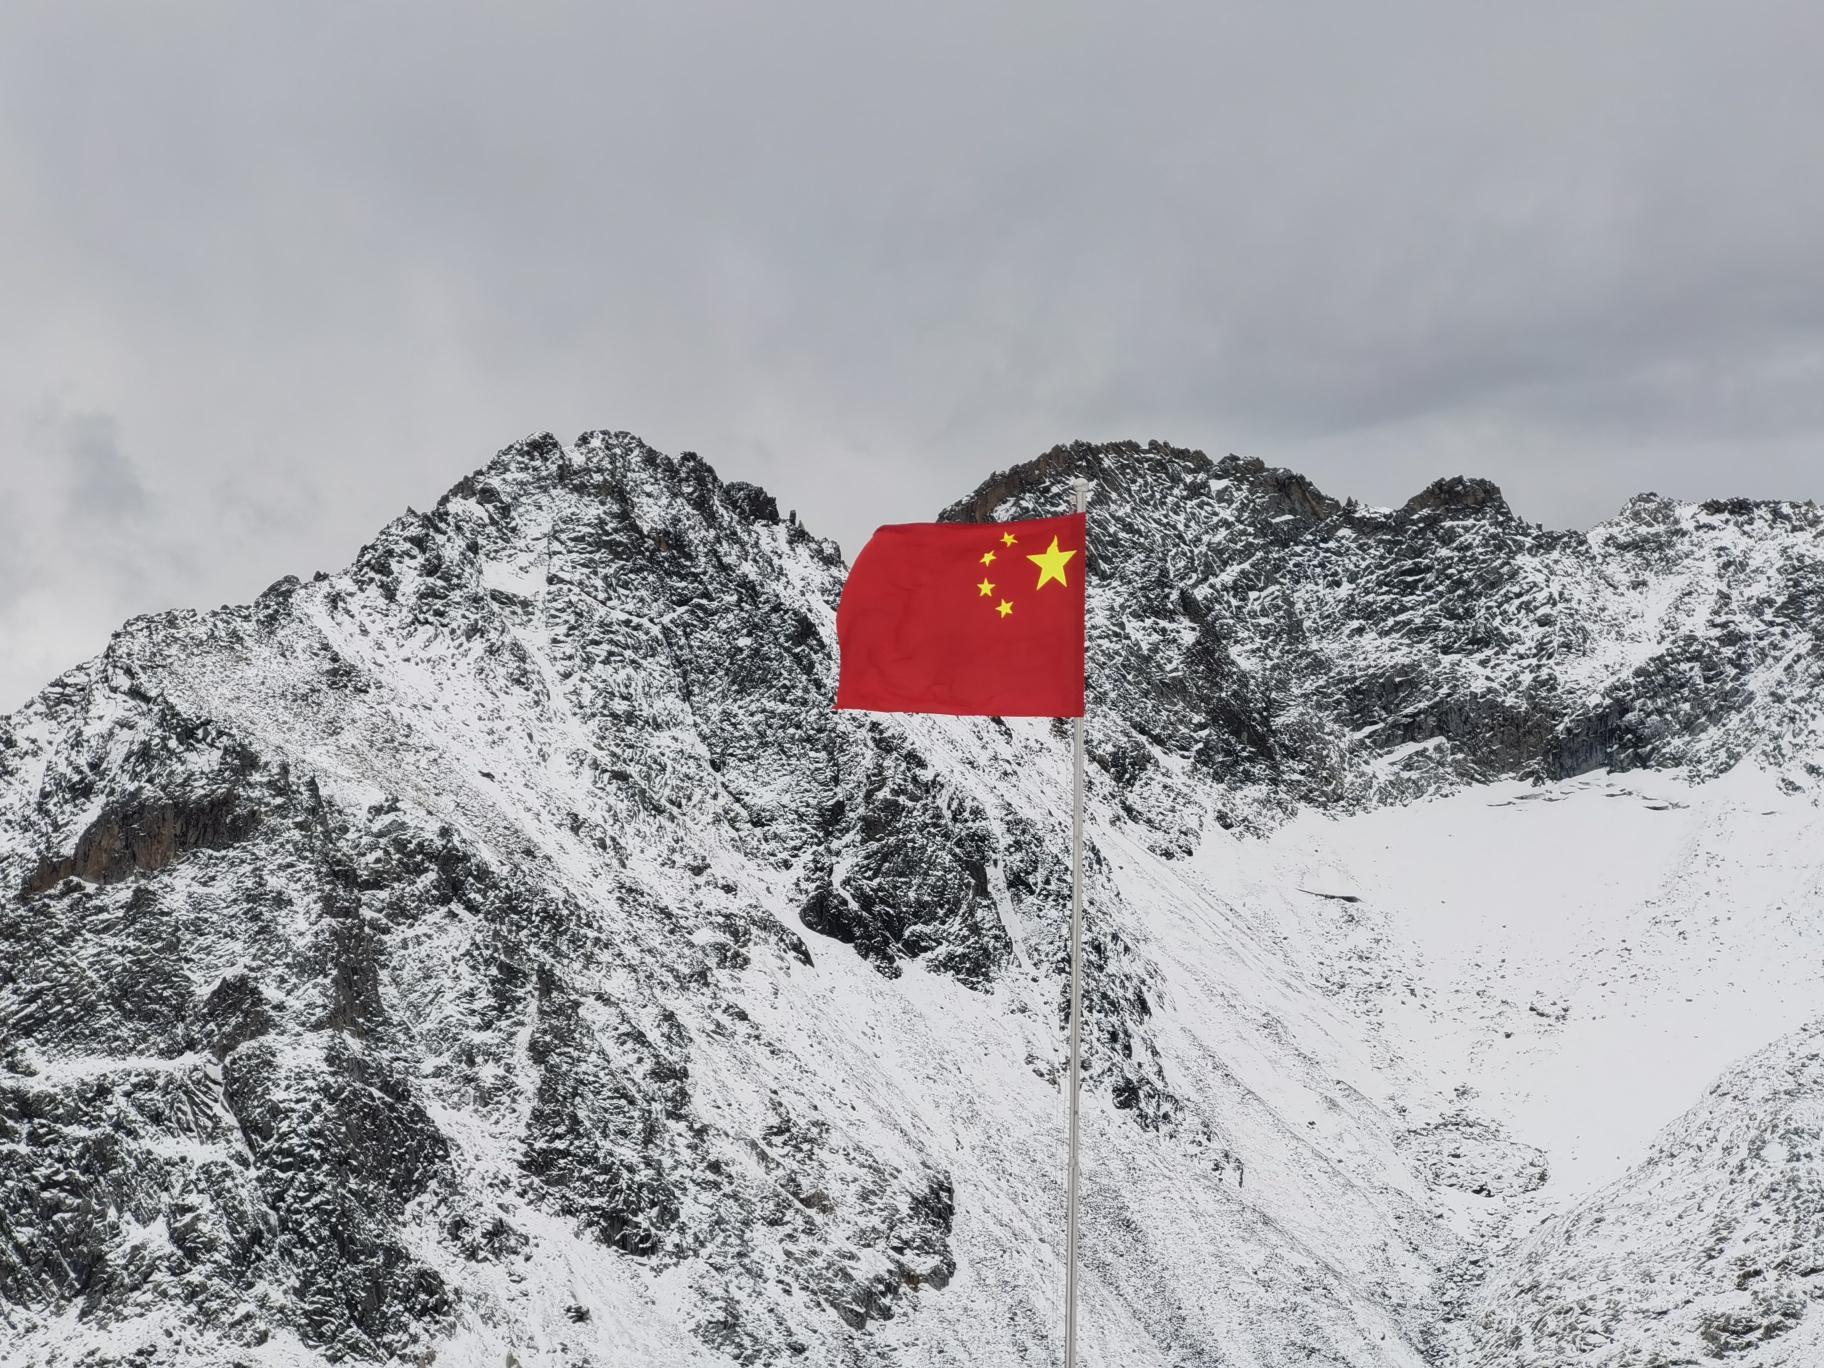 毕棚沟—达古冰川之秋叶雪景图_游记